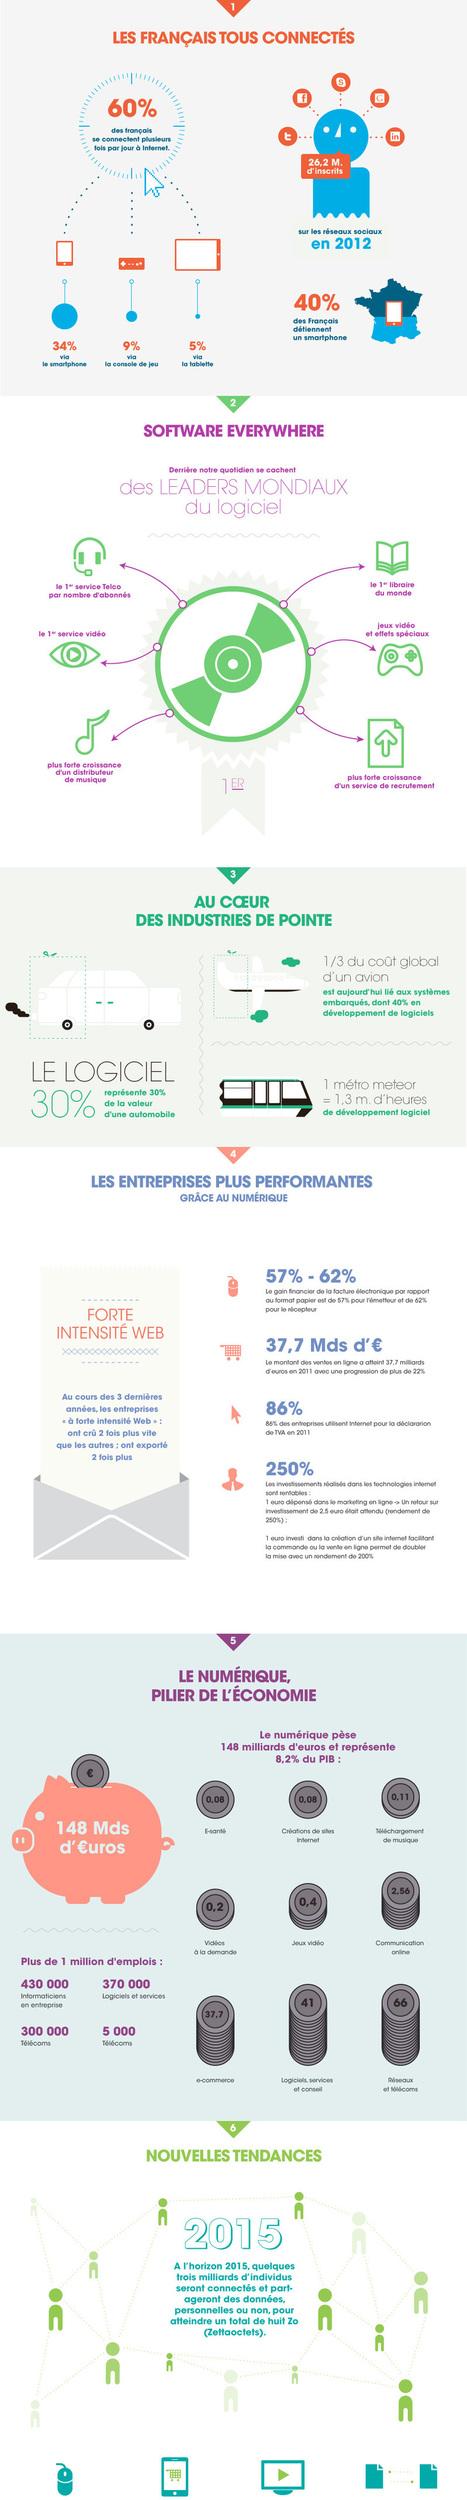 [Infographie AFDEL] Les chiffres clés du numérique en 2012   Toulouse networks   Scoop.it